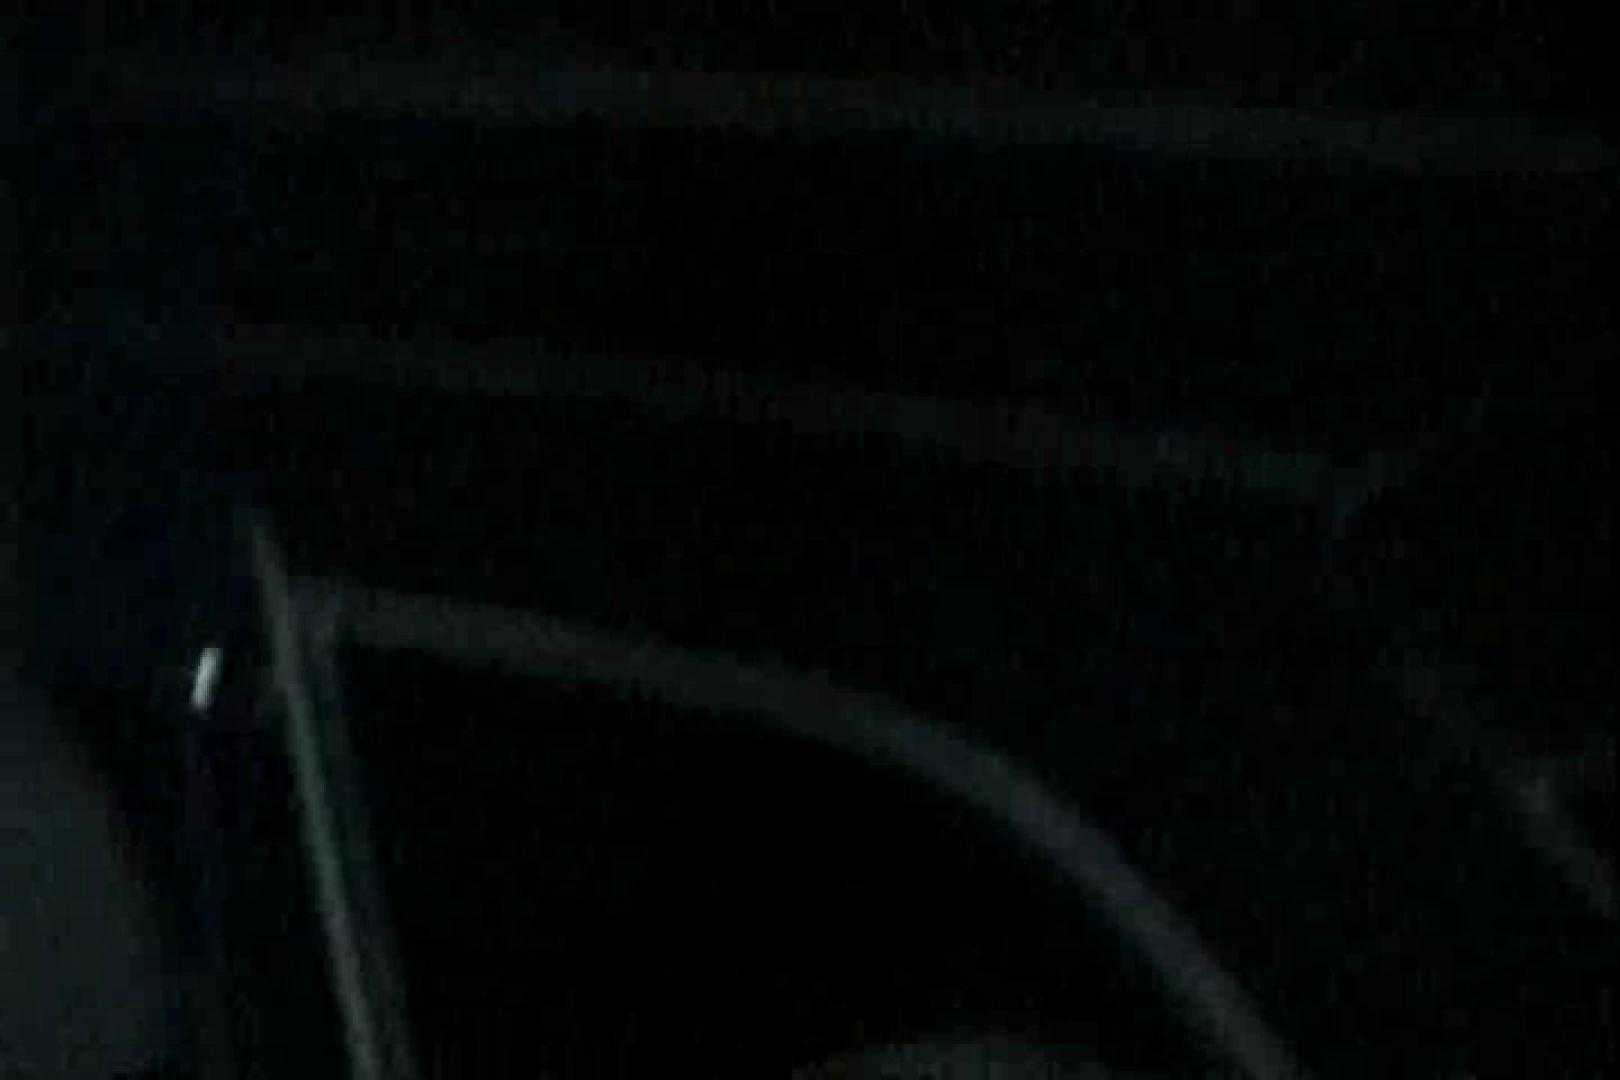 充血監督の深夜の運動会Vol.124 OLヌード天国 | カップルのセックス  52PIX 49